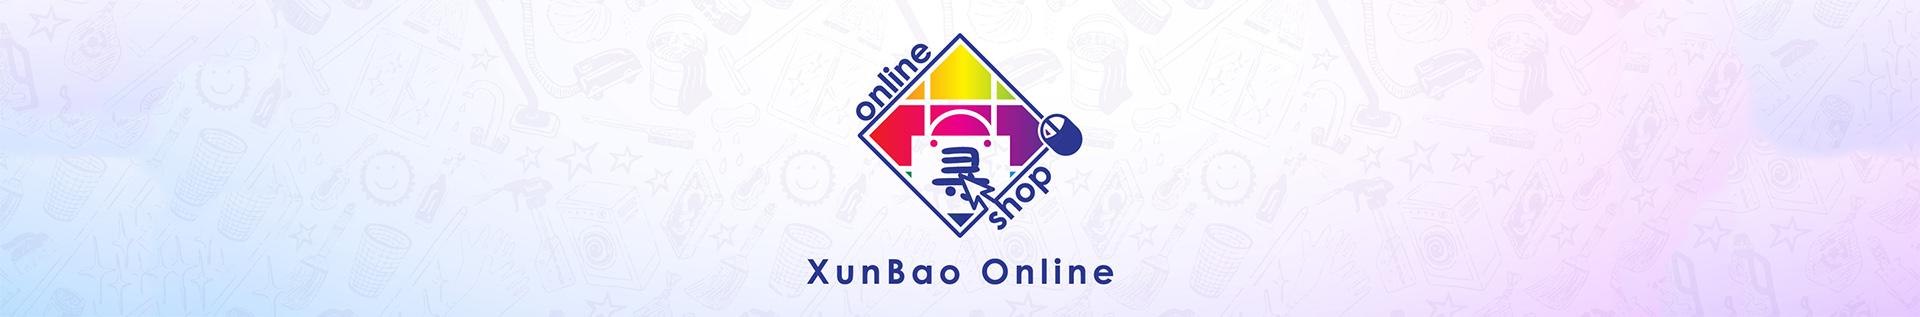 Xunbao Online Store